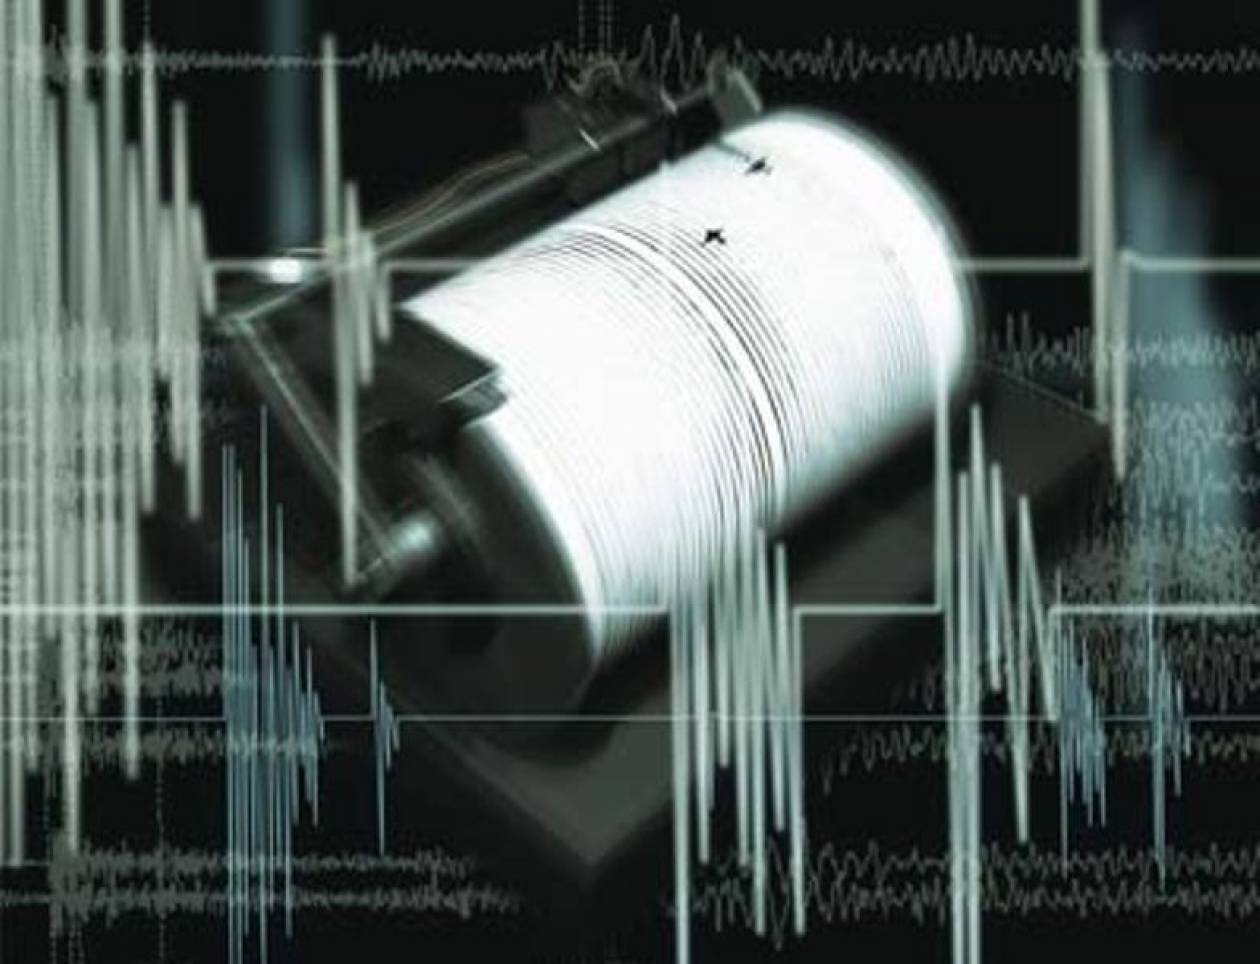 Σεισμός 4,6 Ρίχτερ αναστάτωσε τη Δυτική Ελλάδα